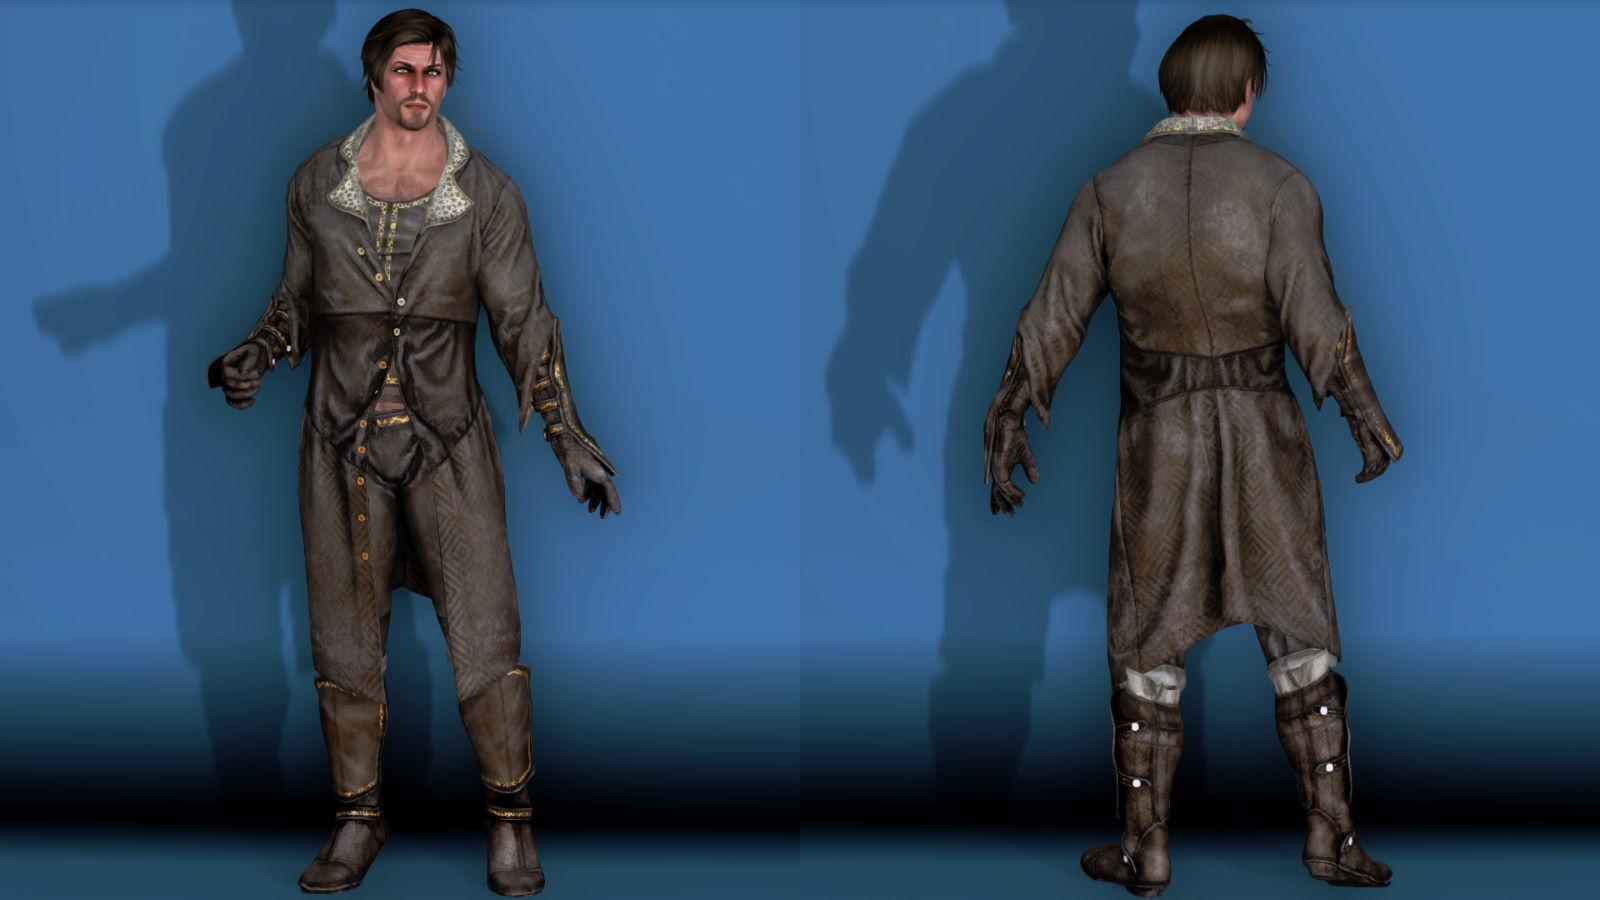 RuggedRogueSSE 721-1 Pose Fu-Ba-M Overcoat W 2